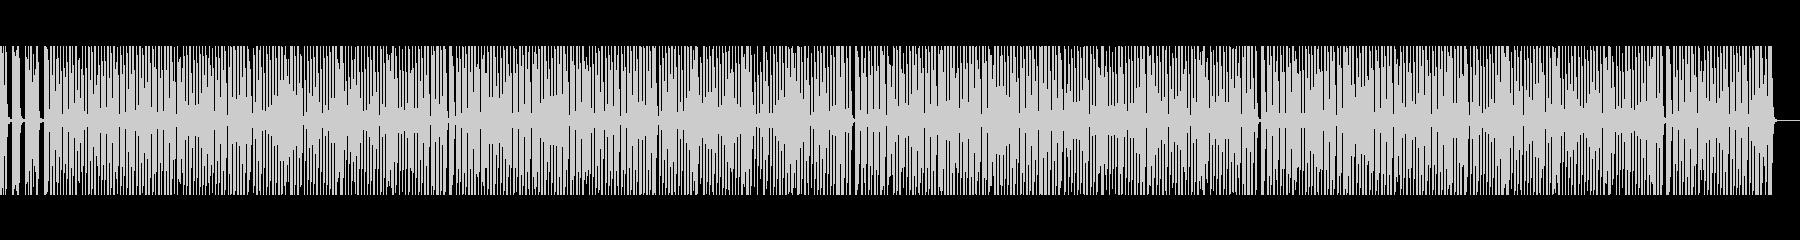 子供のクッキングに合うラグタイムピアノ風の未再生の波形